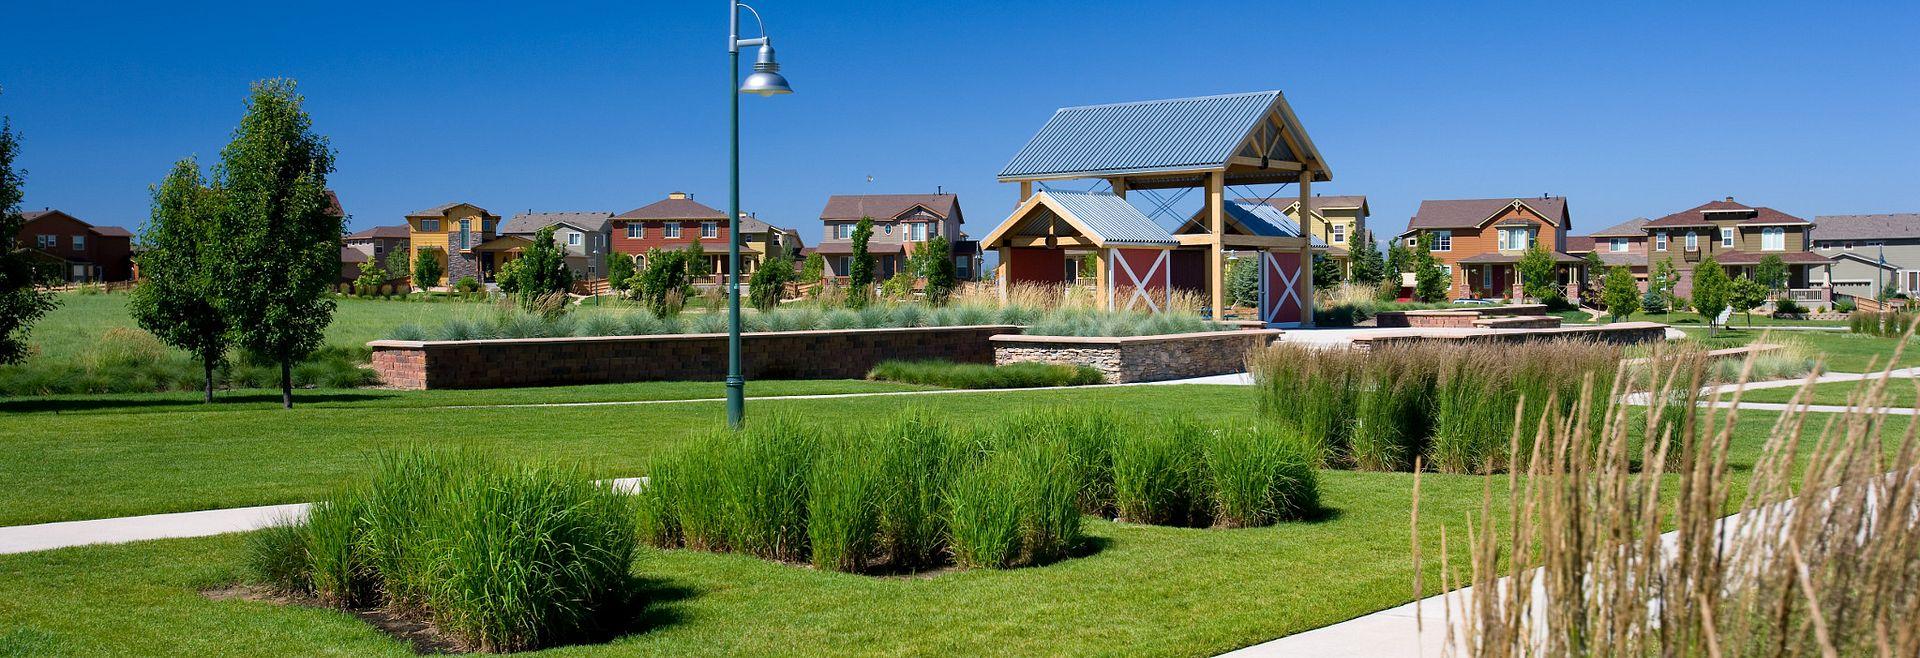 Reunion Community Park